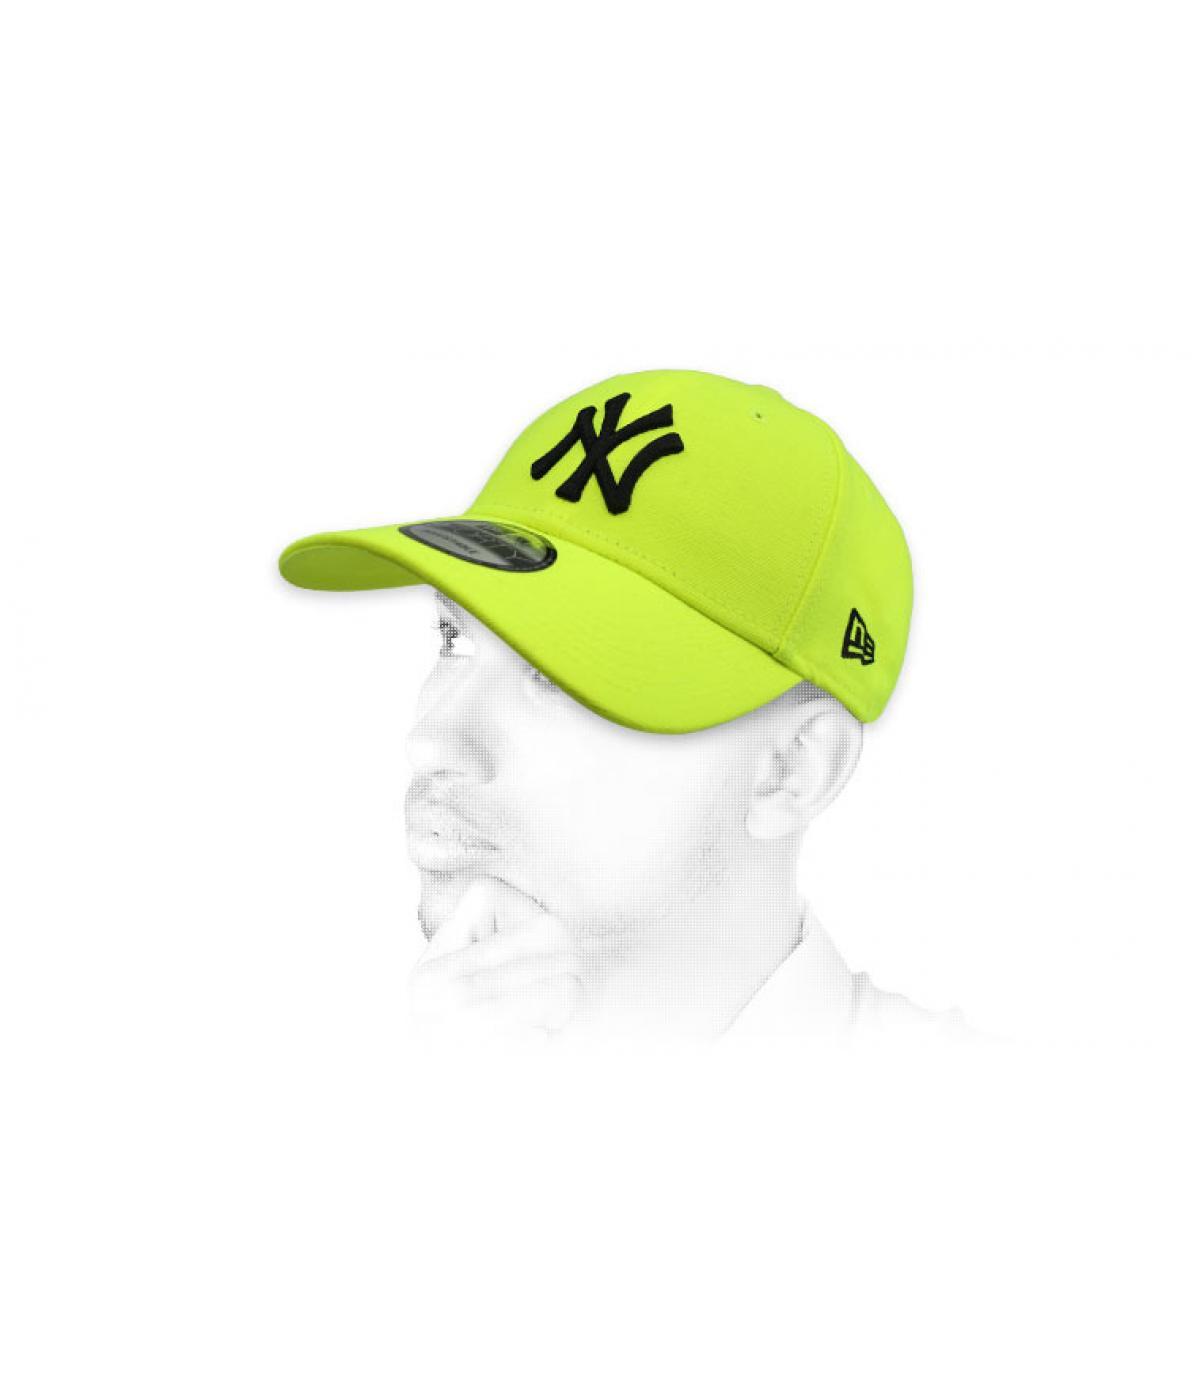 berretto NY neon giallo